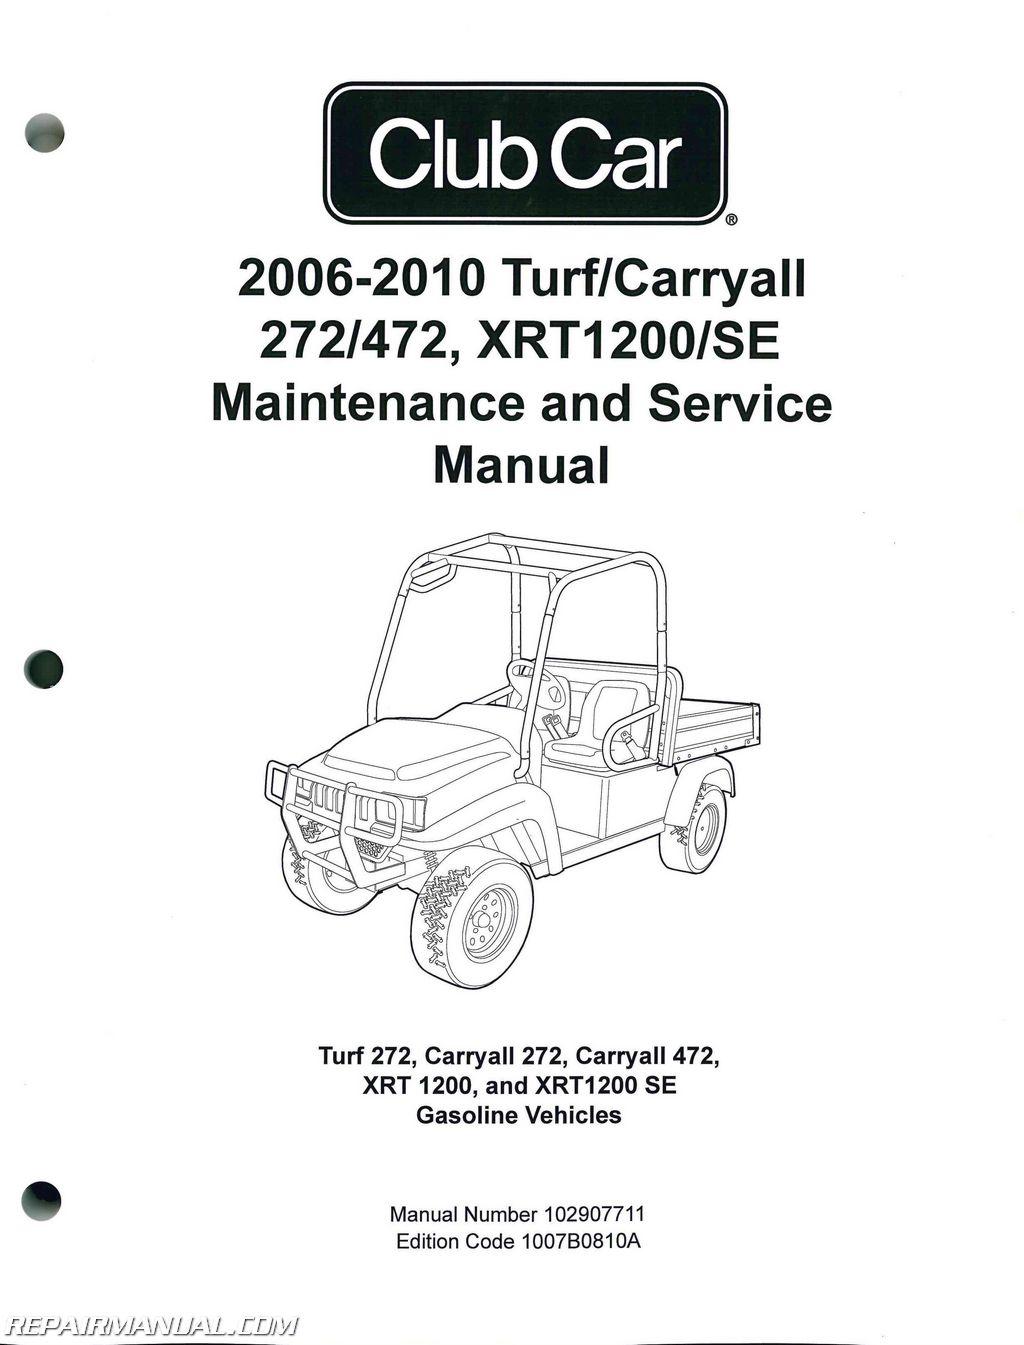 Club Car Xrt 950 Wiring Diagram : Carryall wiring diagram brake system